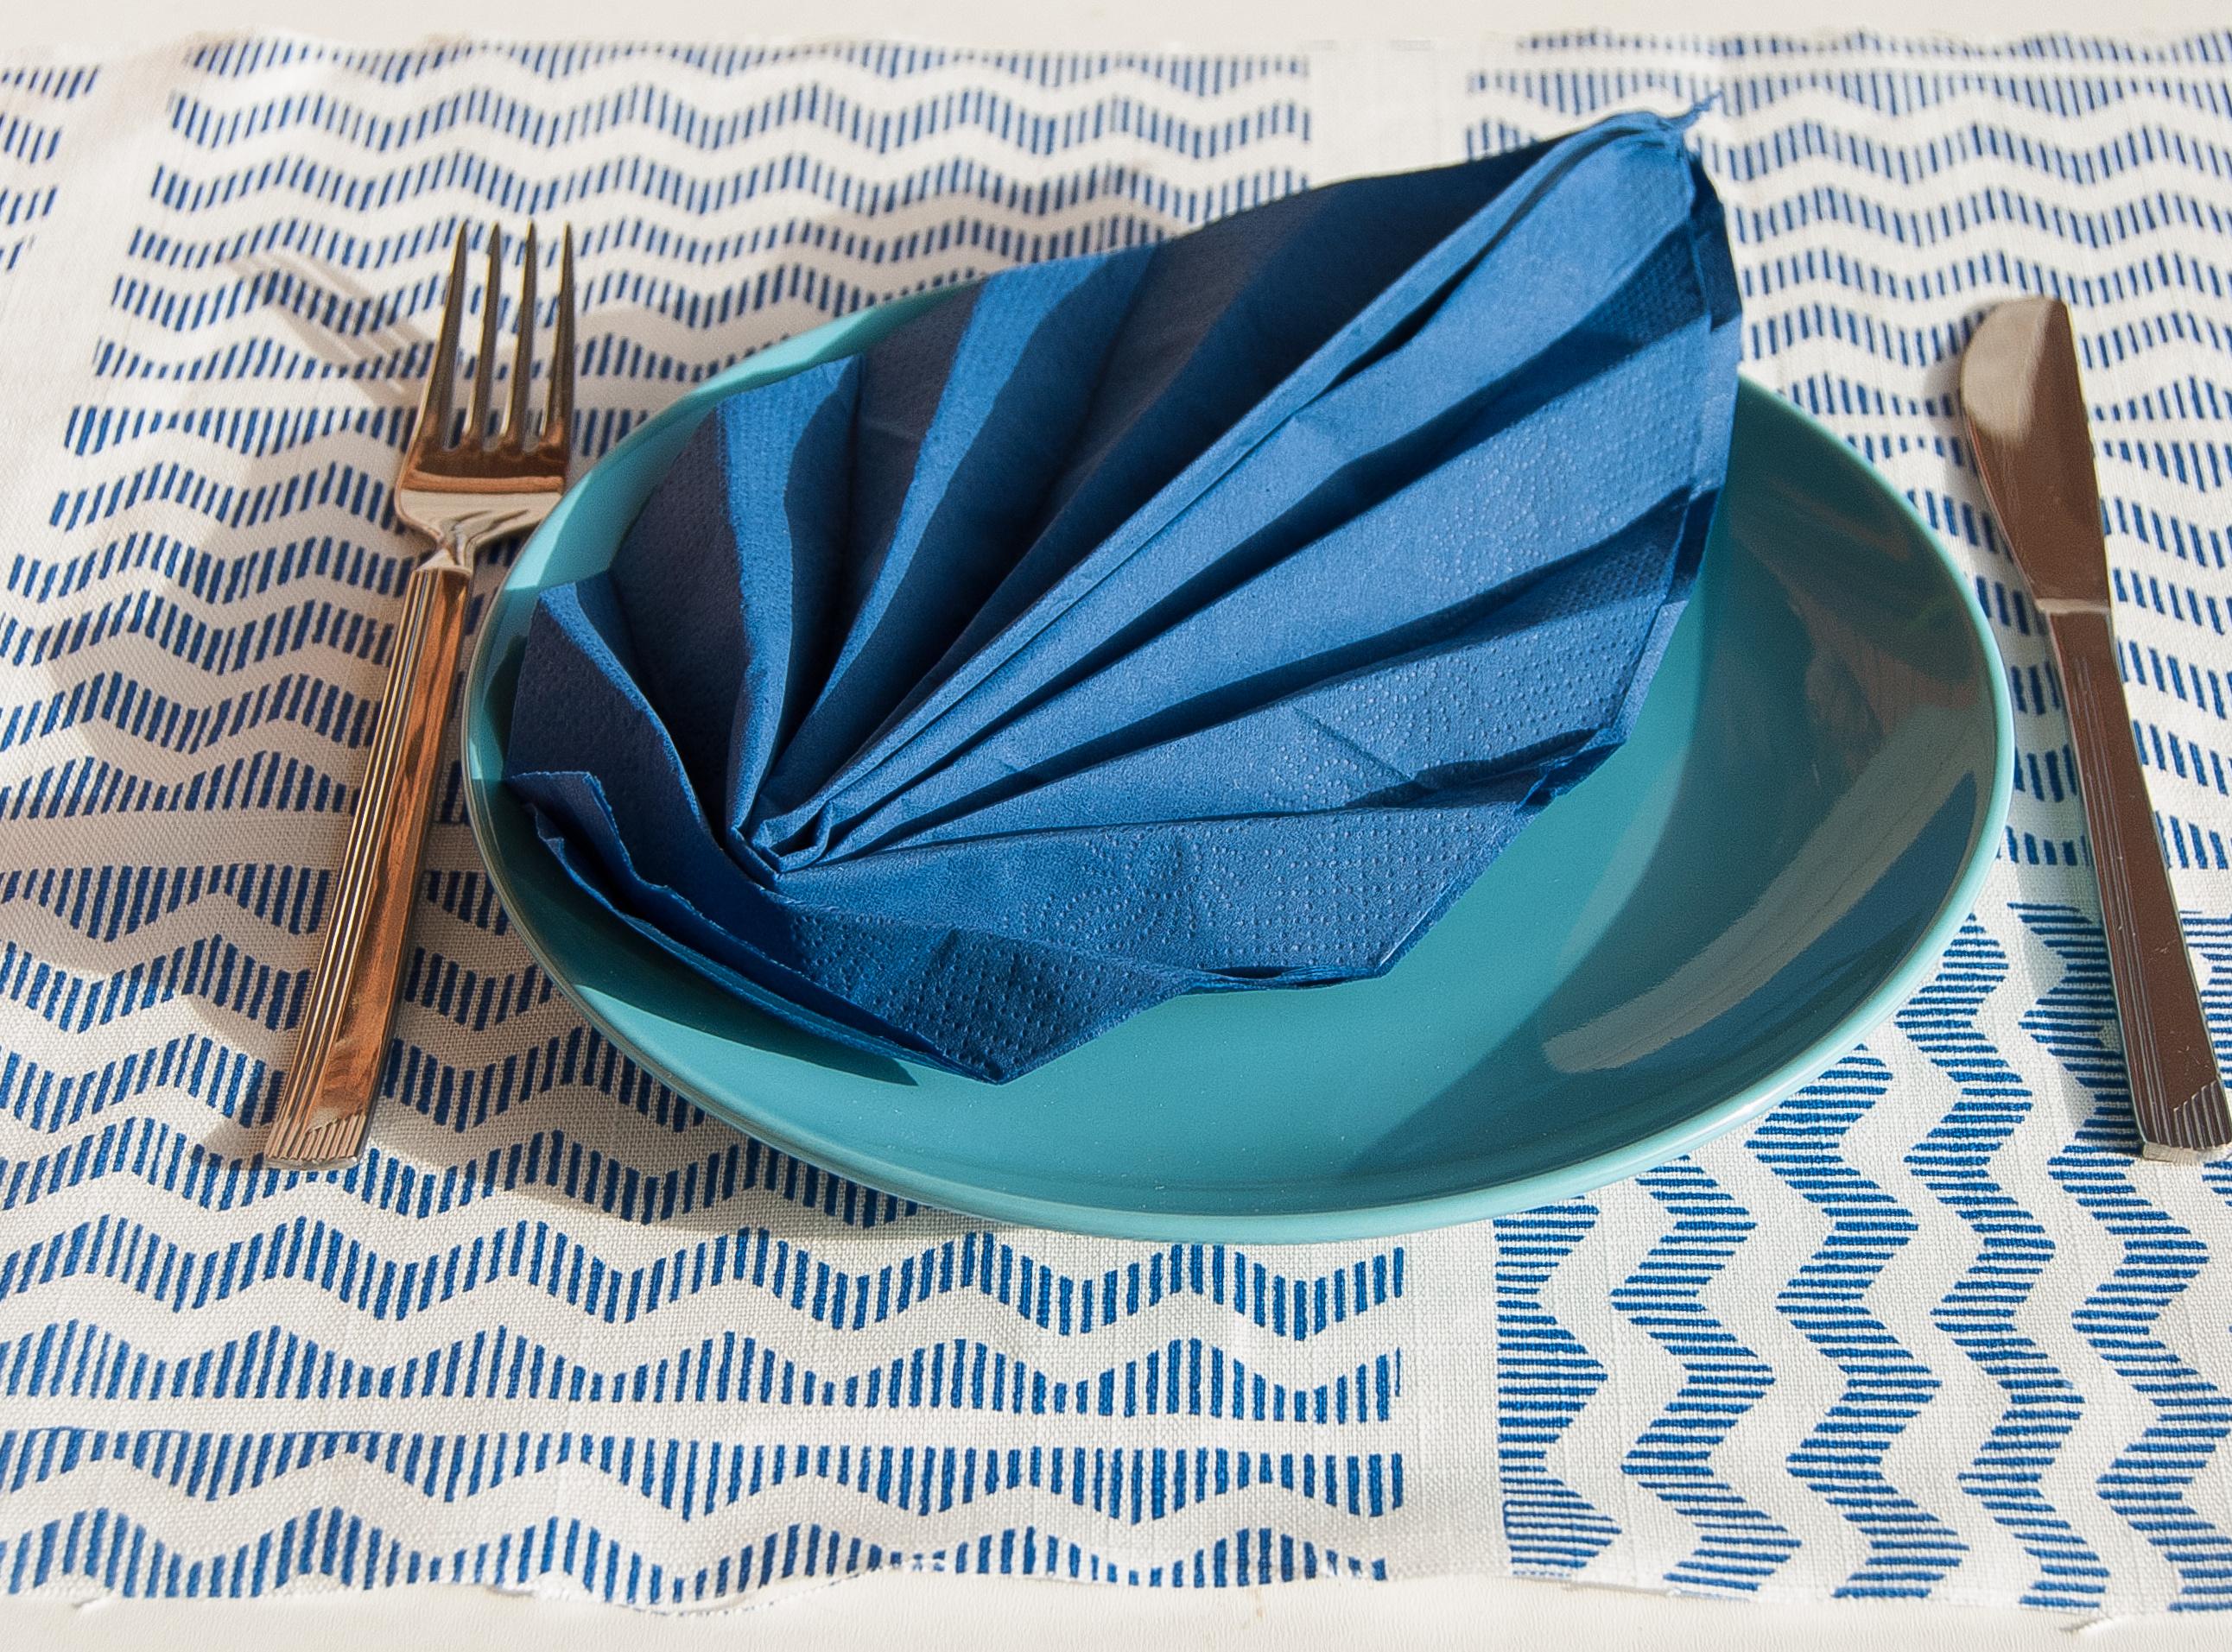 Popolare Piegare il tovagliolo a forma di foglia | Cuocaxamore OC17